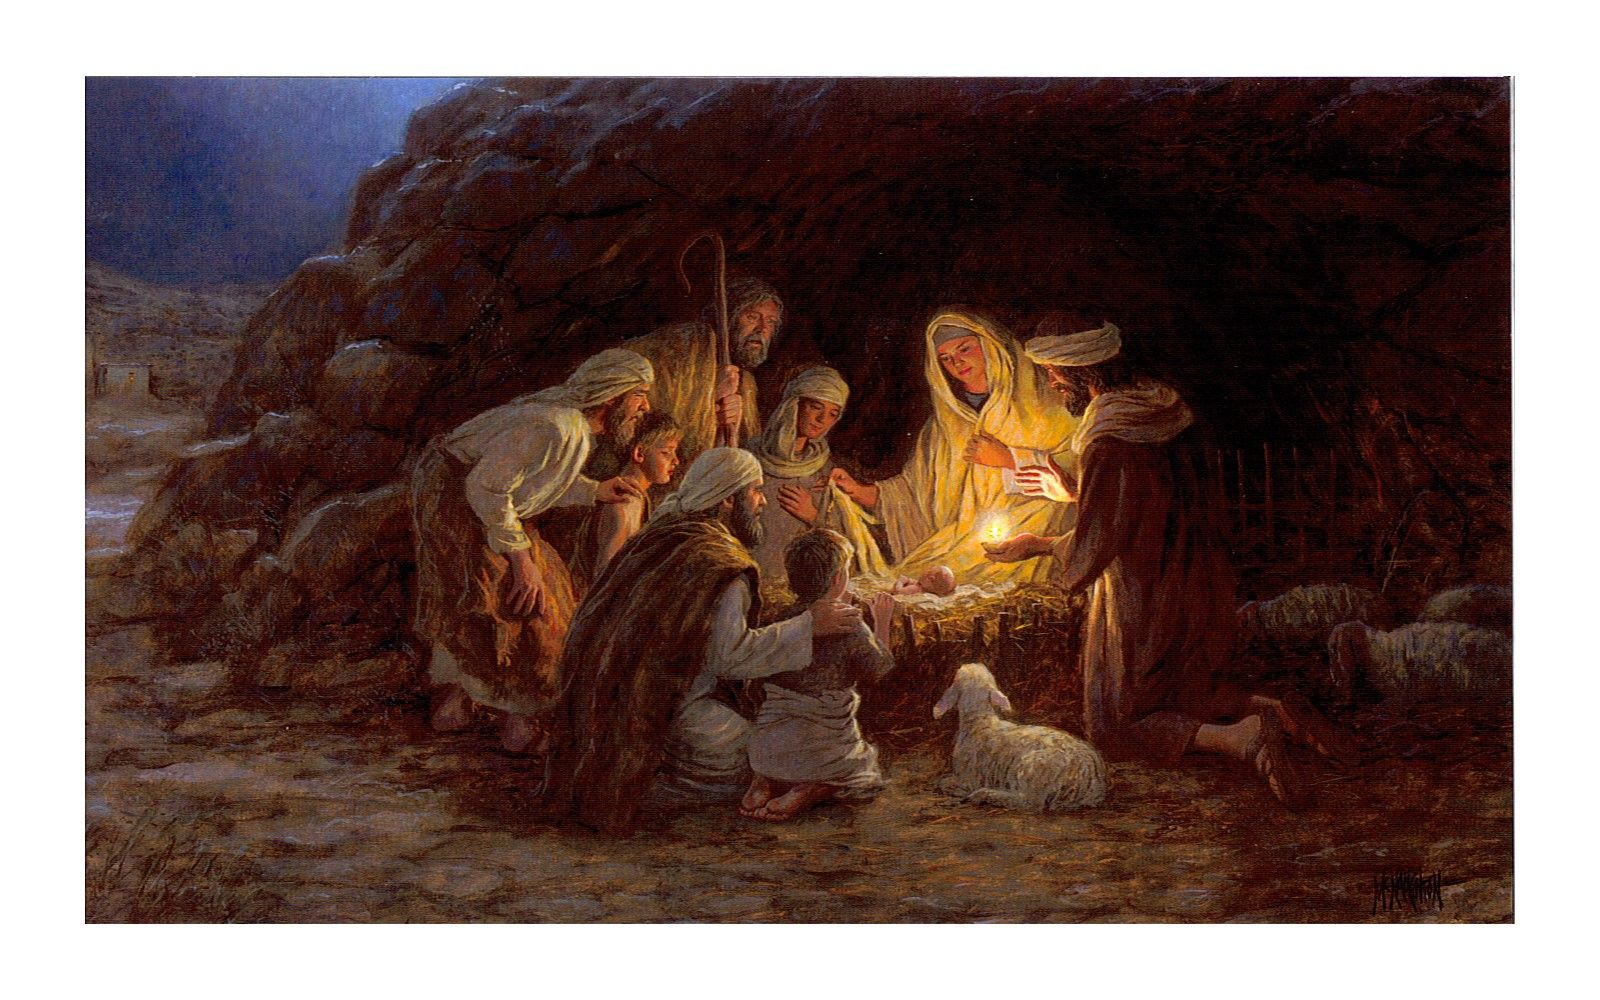 Julekortsmotivet Har Titlen Nativity Jesu F 248 Dsel